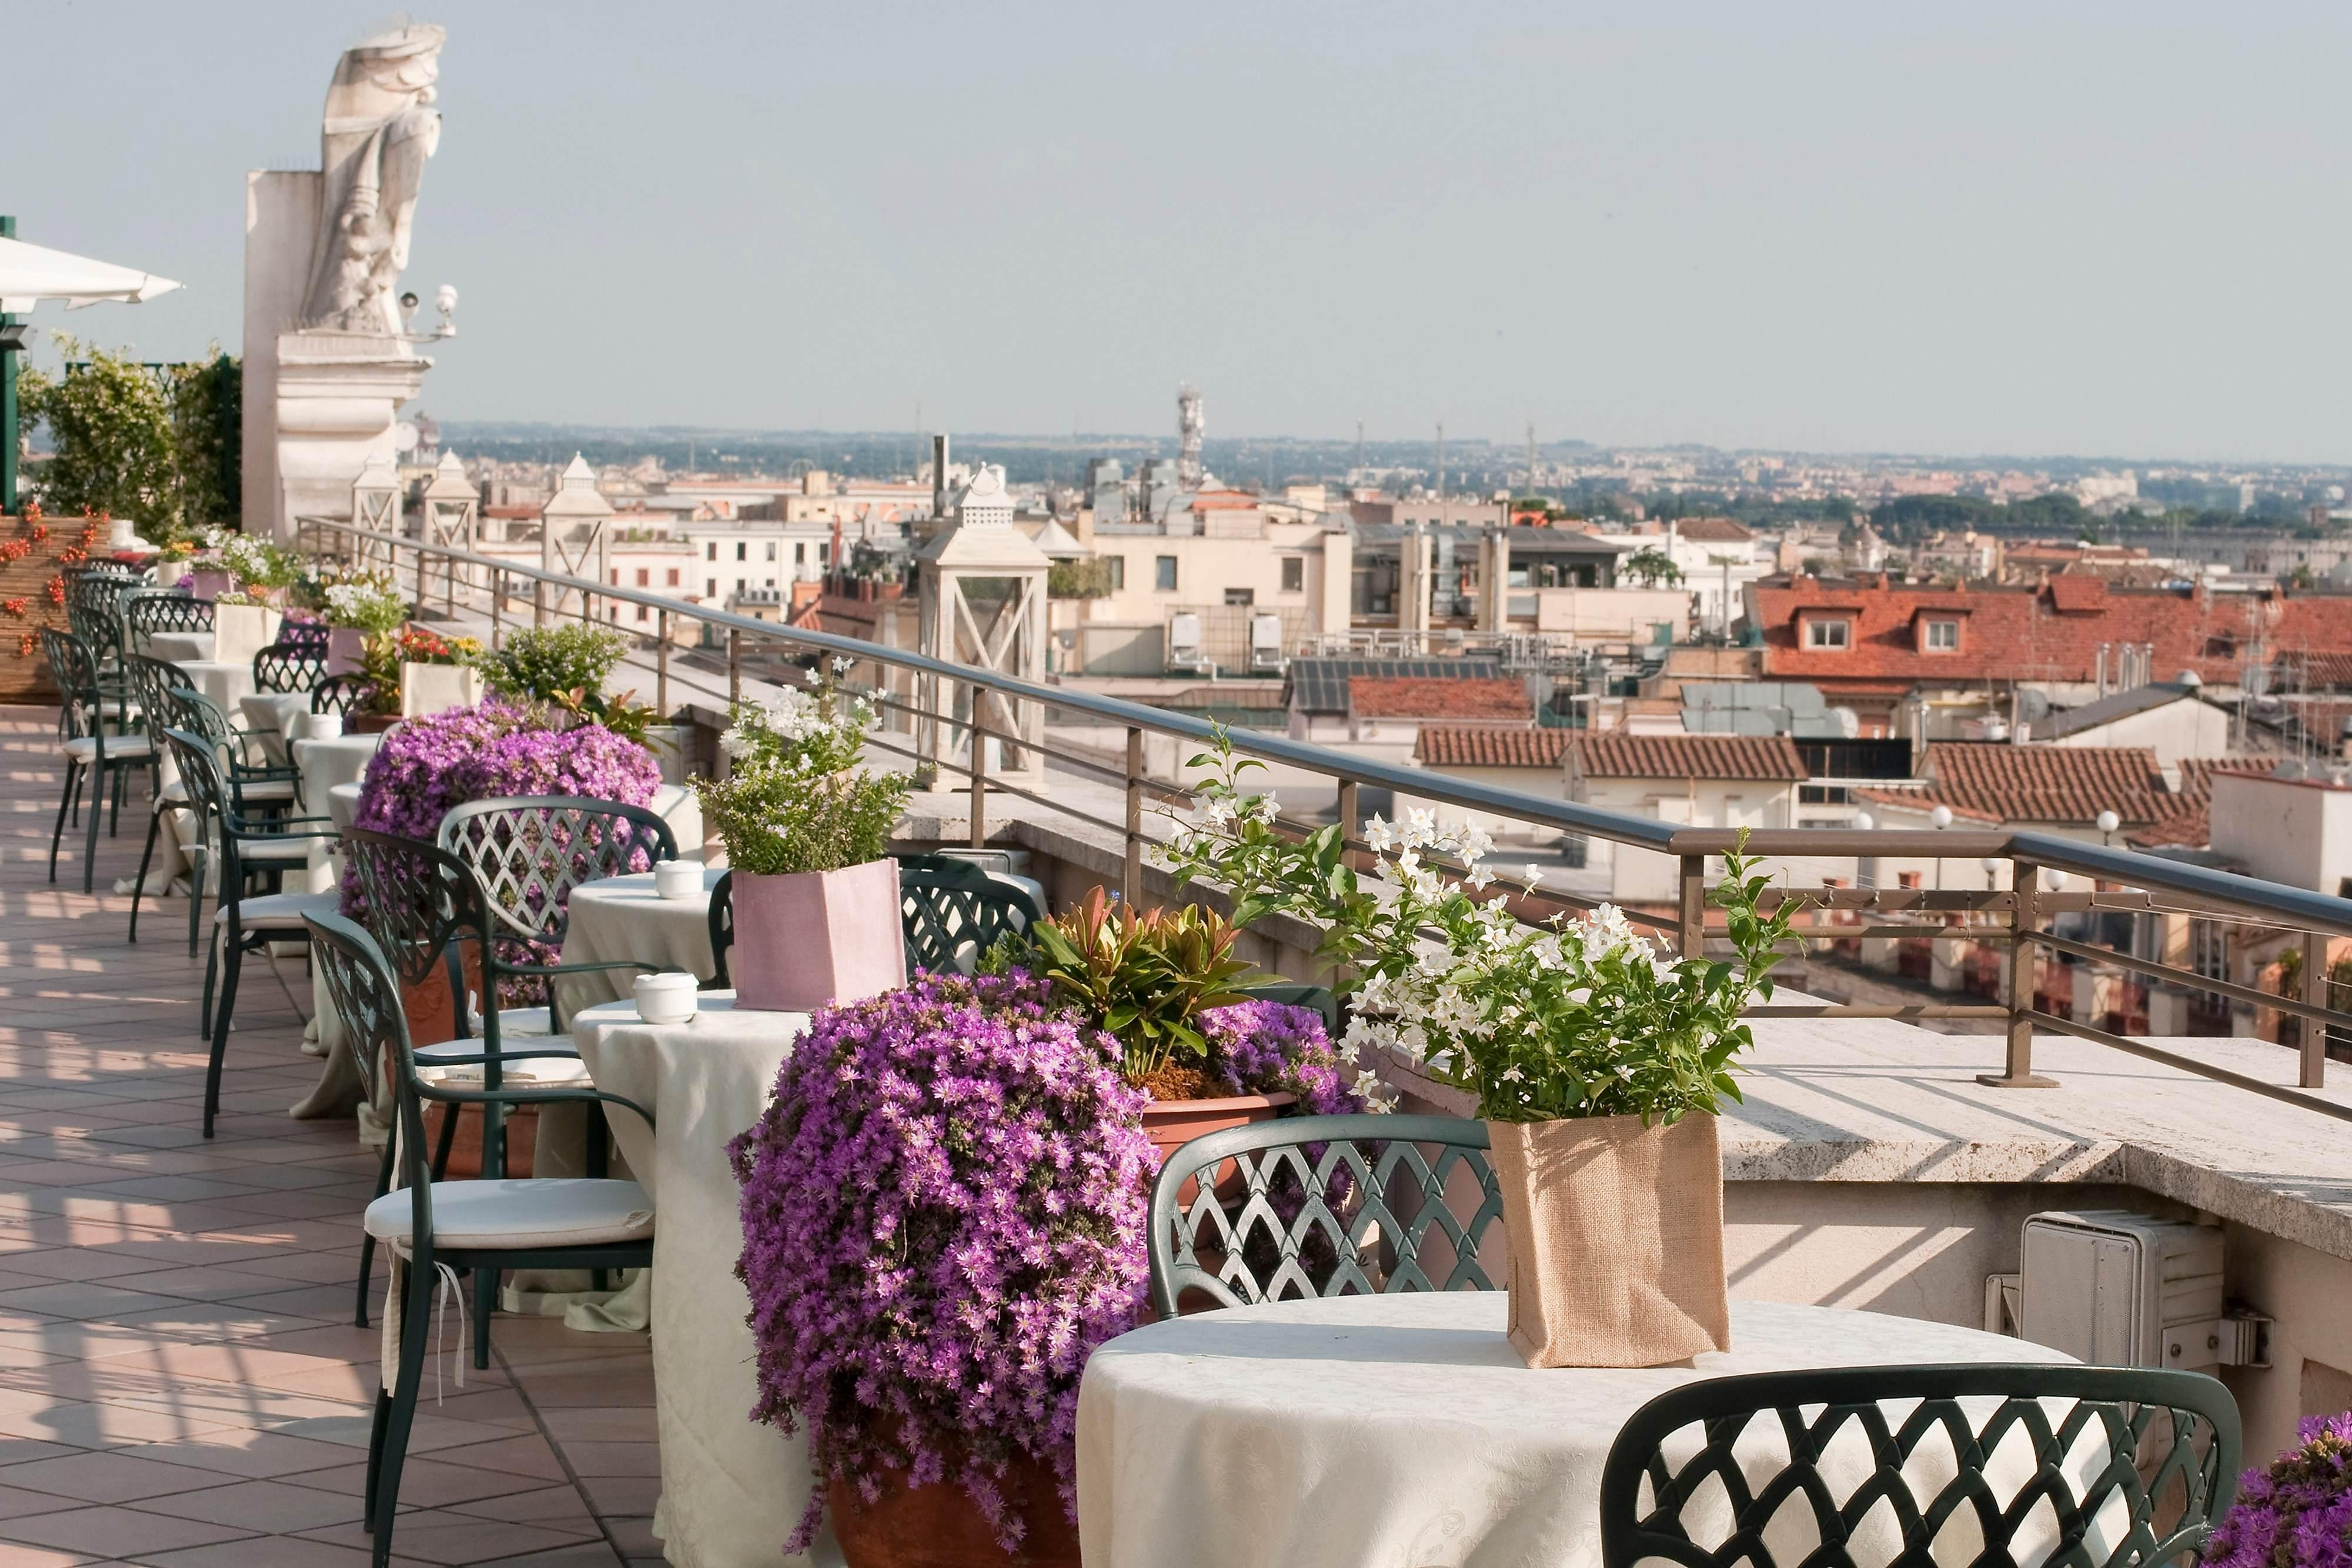 Événement de luxe à Rome, ViaVeneto